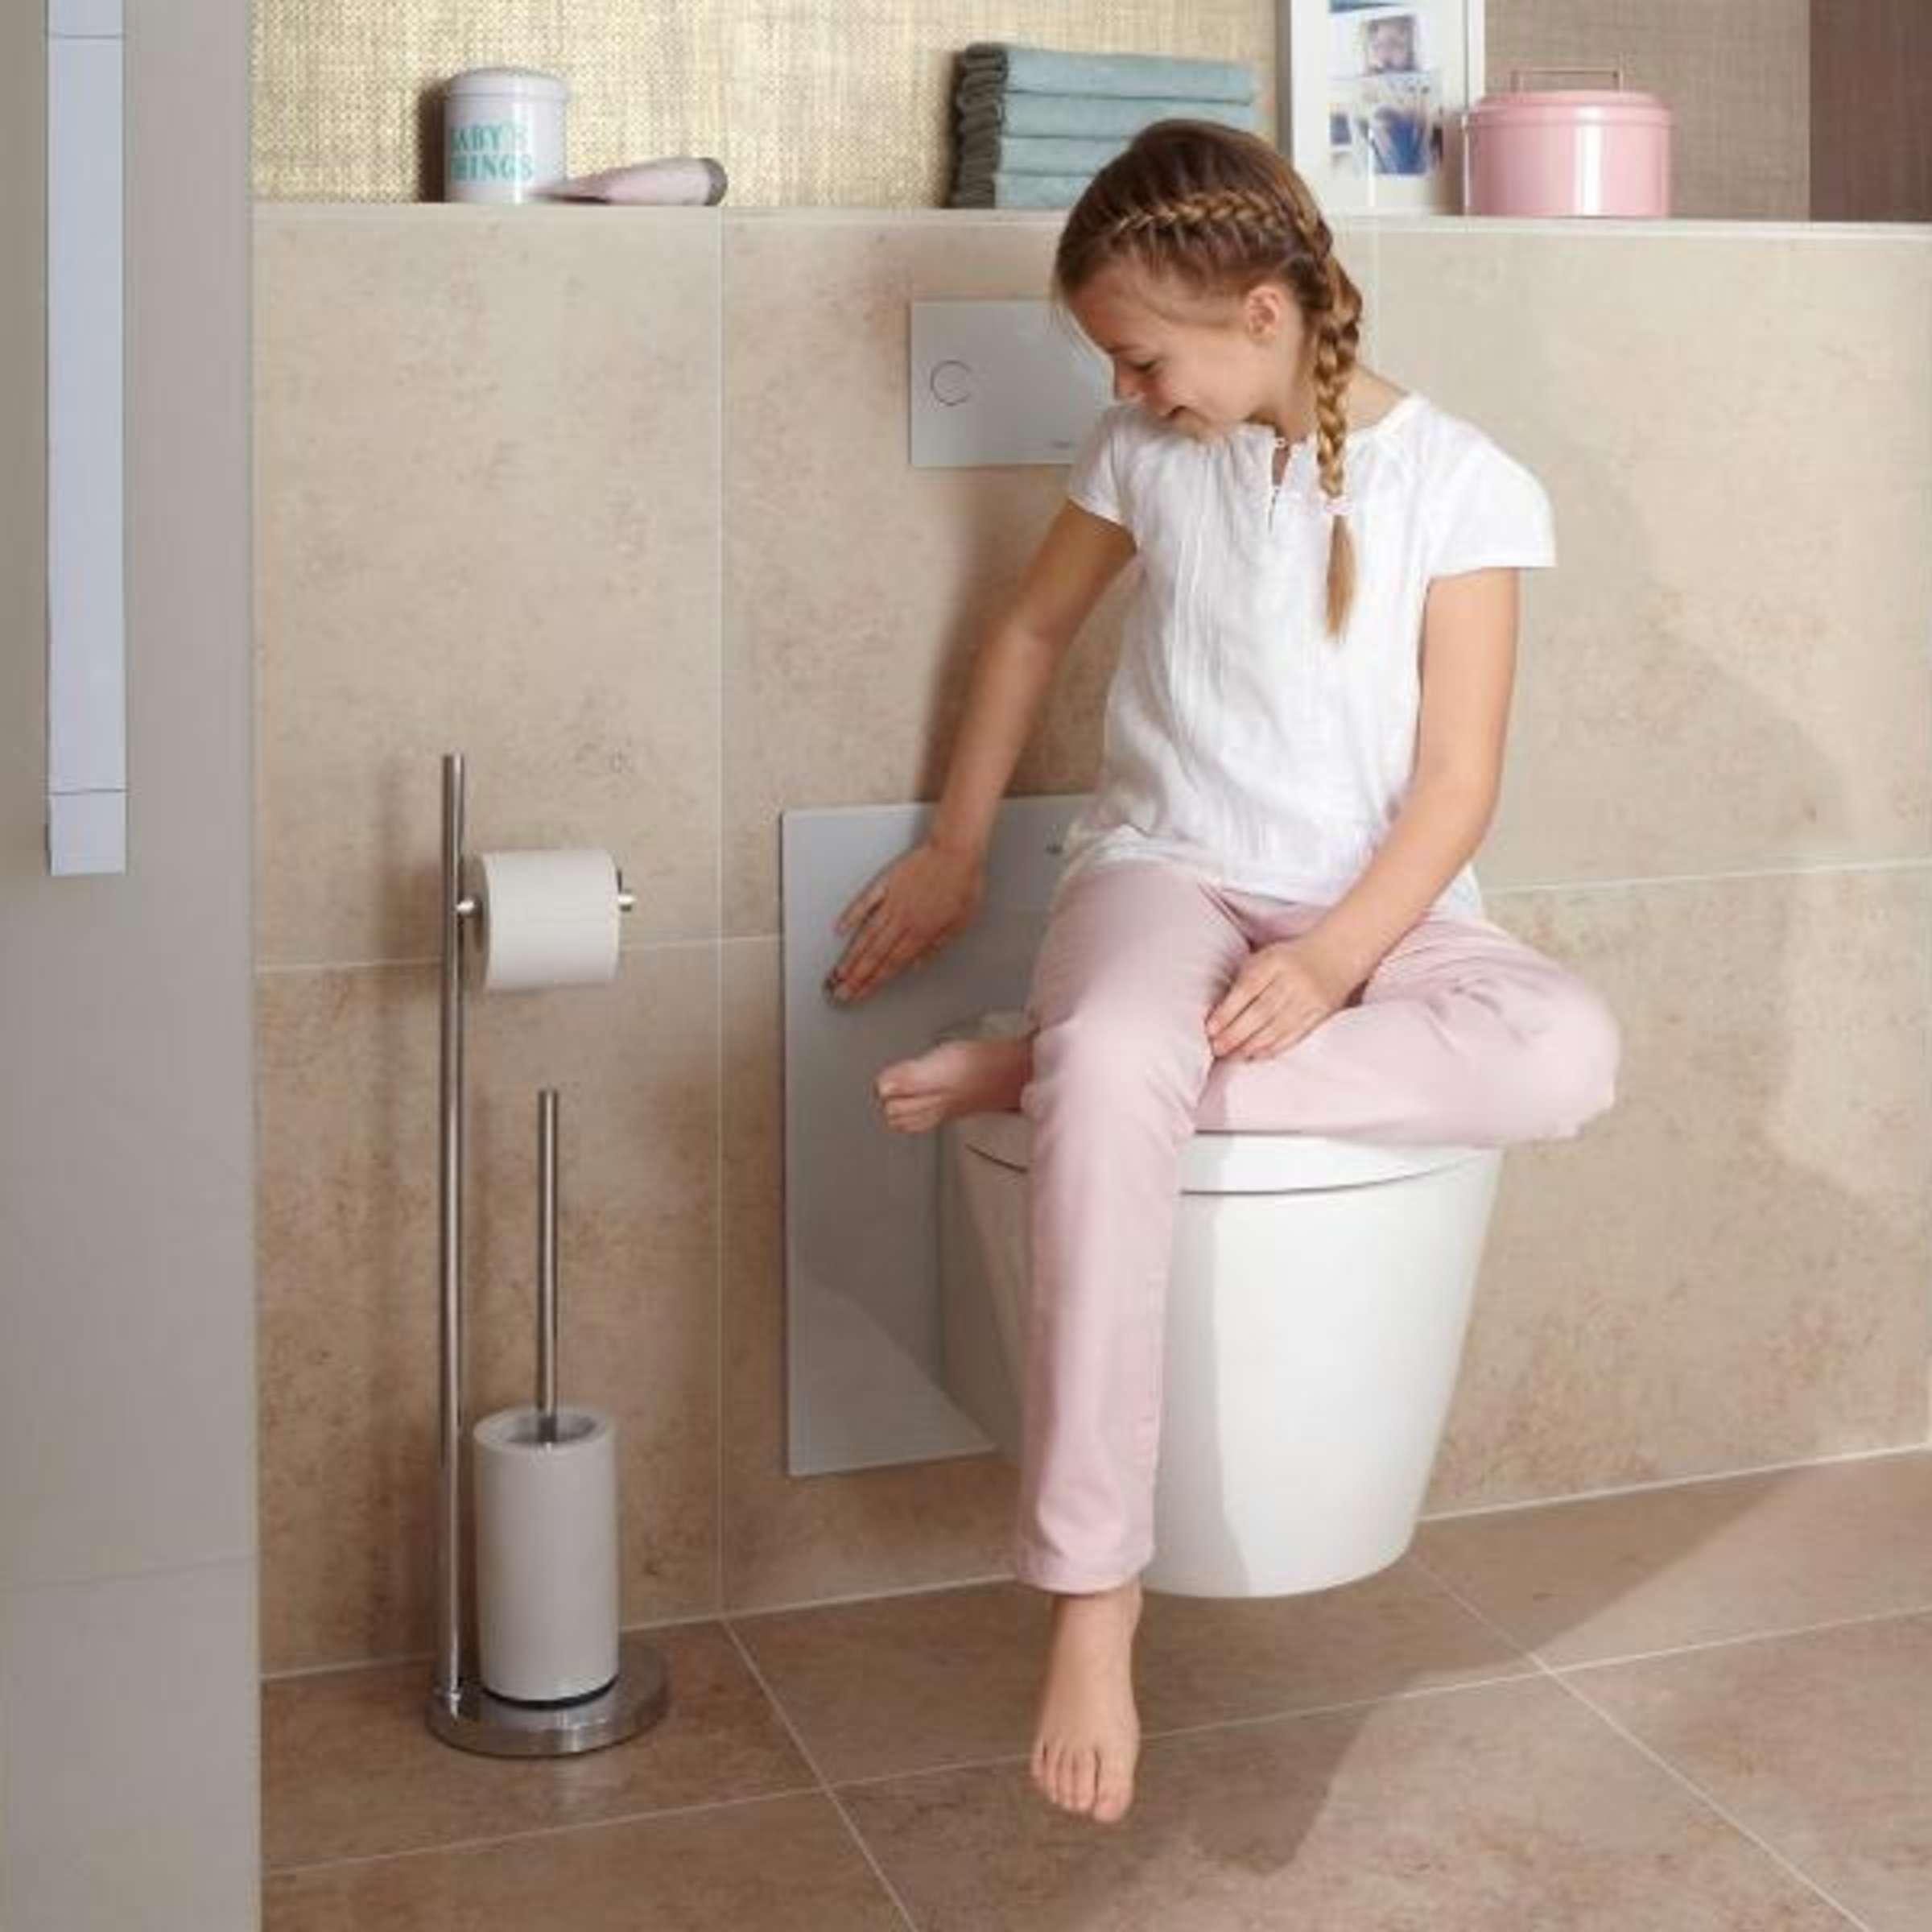 Kindgerechtes Badezimmer: Austauschbares Zubehör nutzen  Wohnen